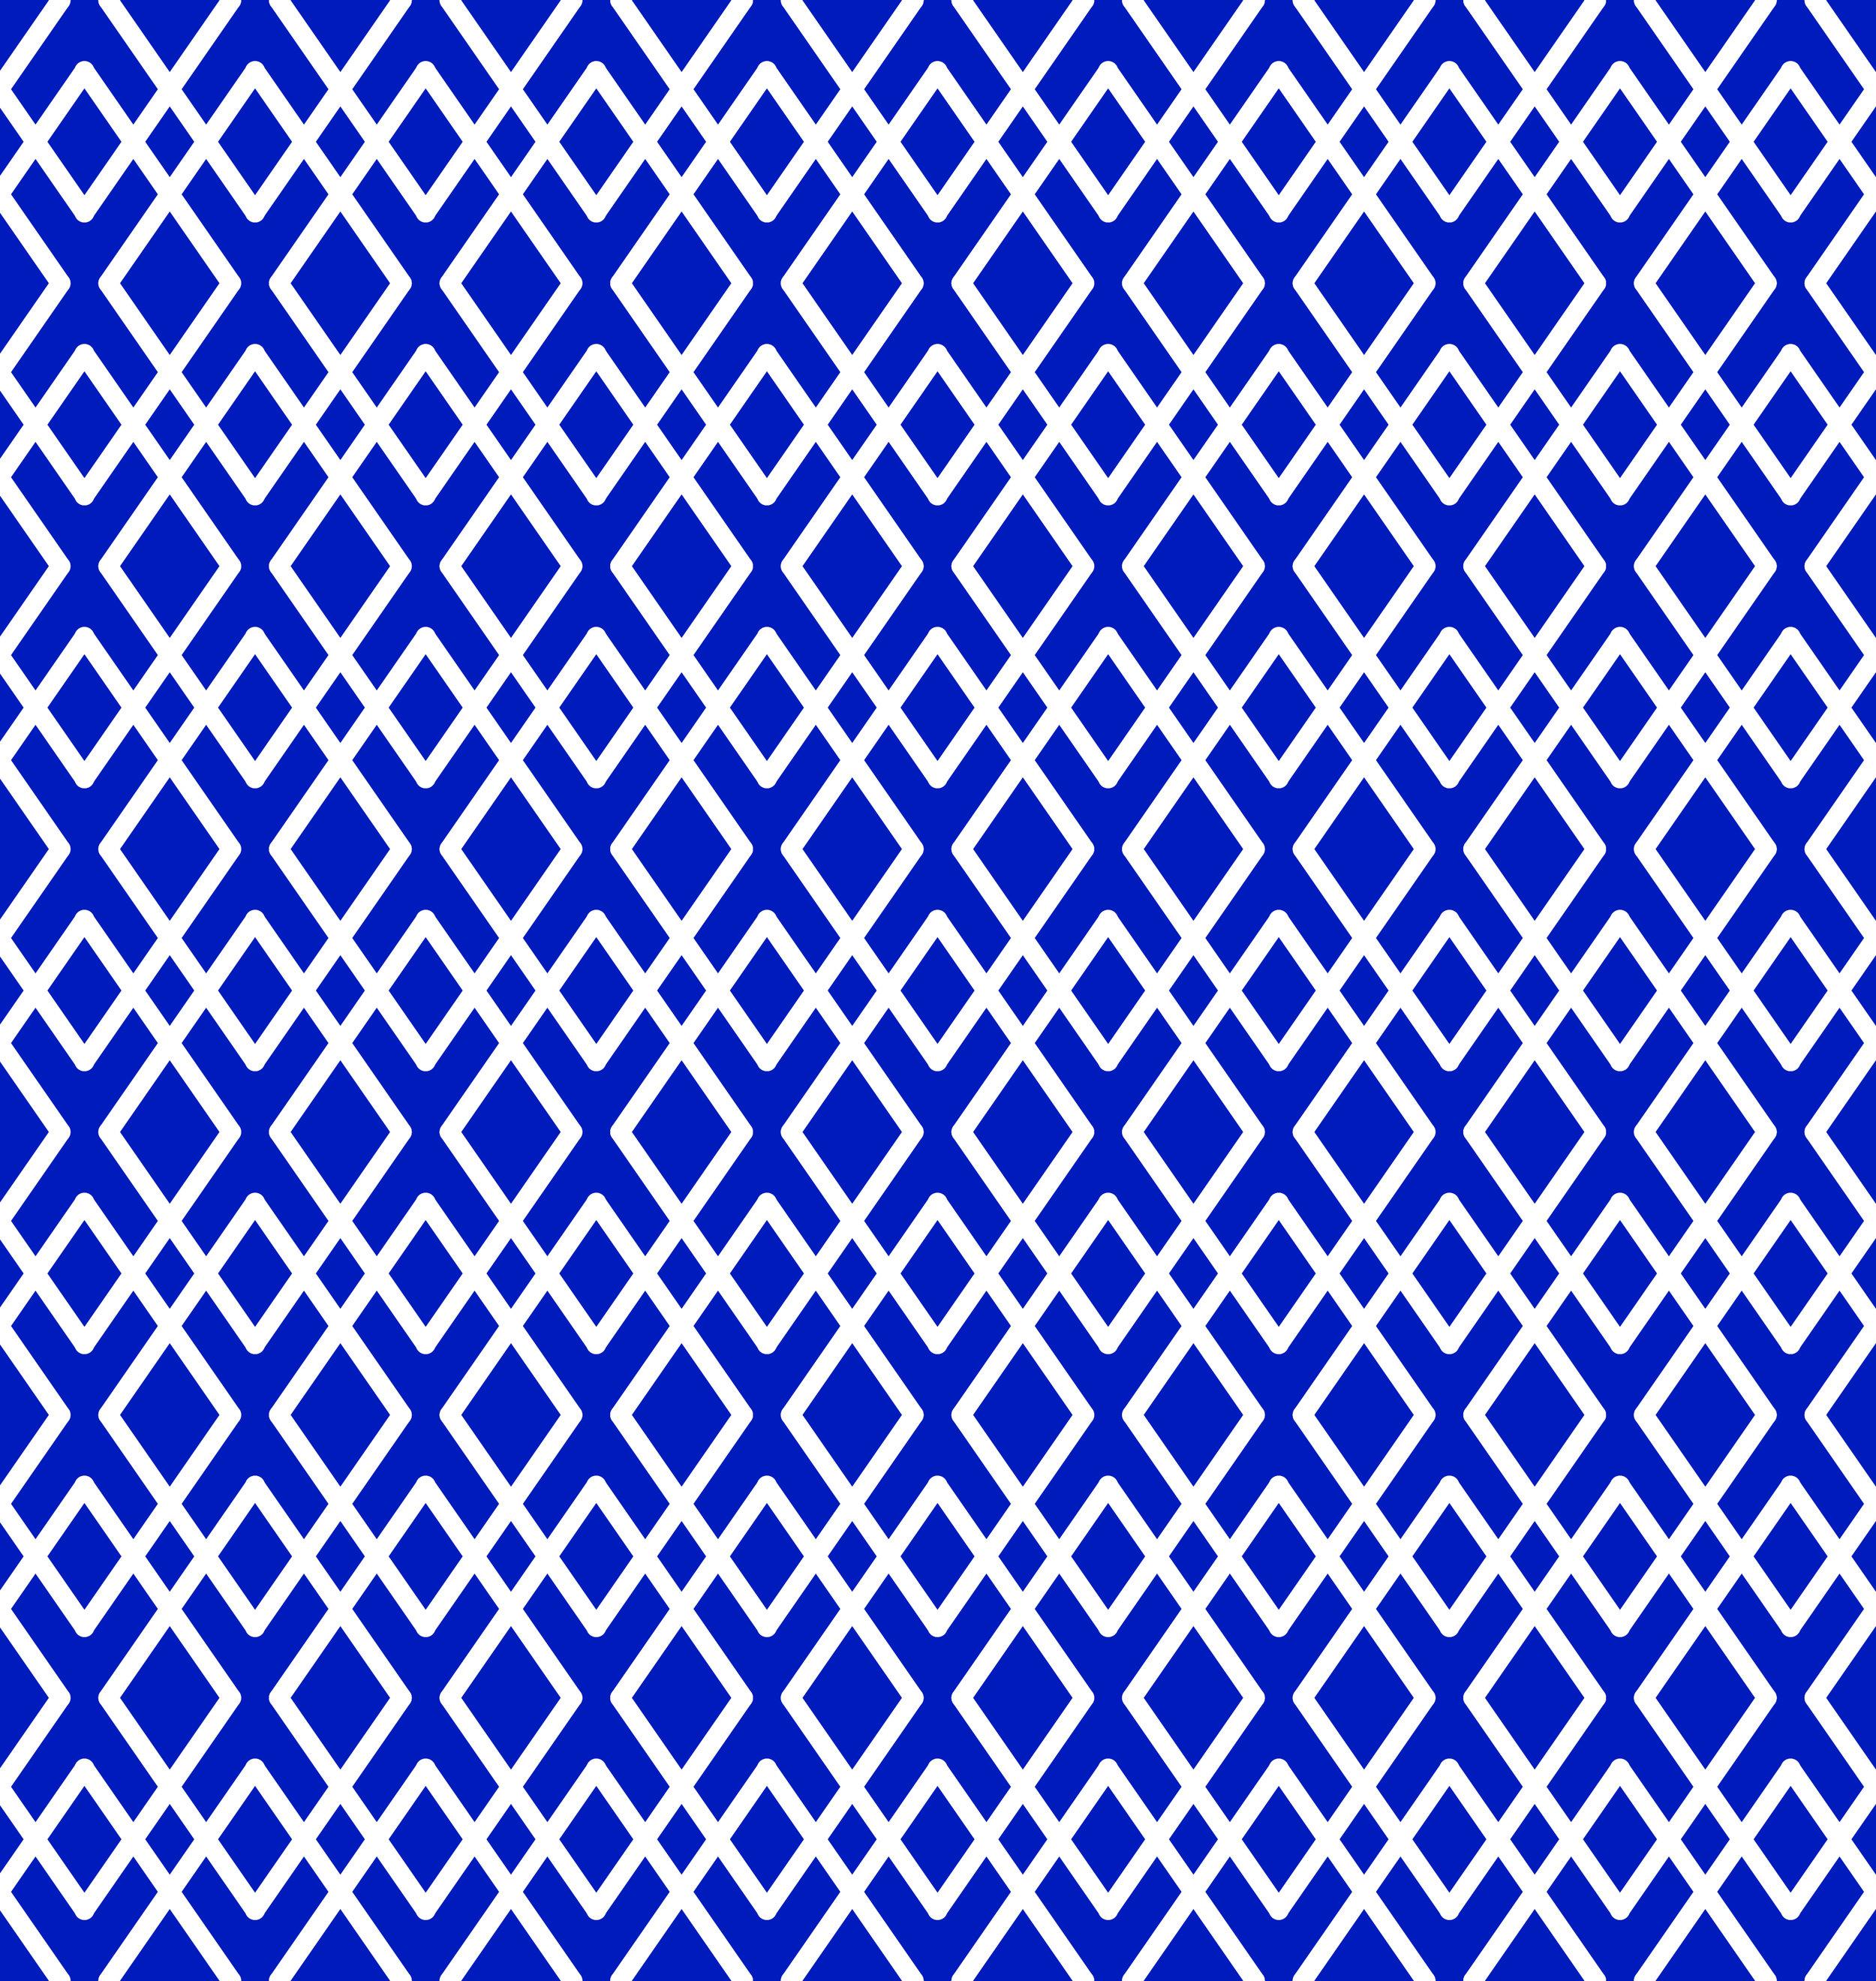 lattice navy and white-01.jpg